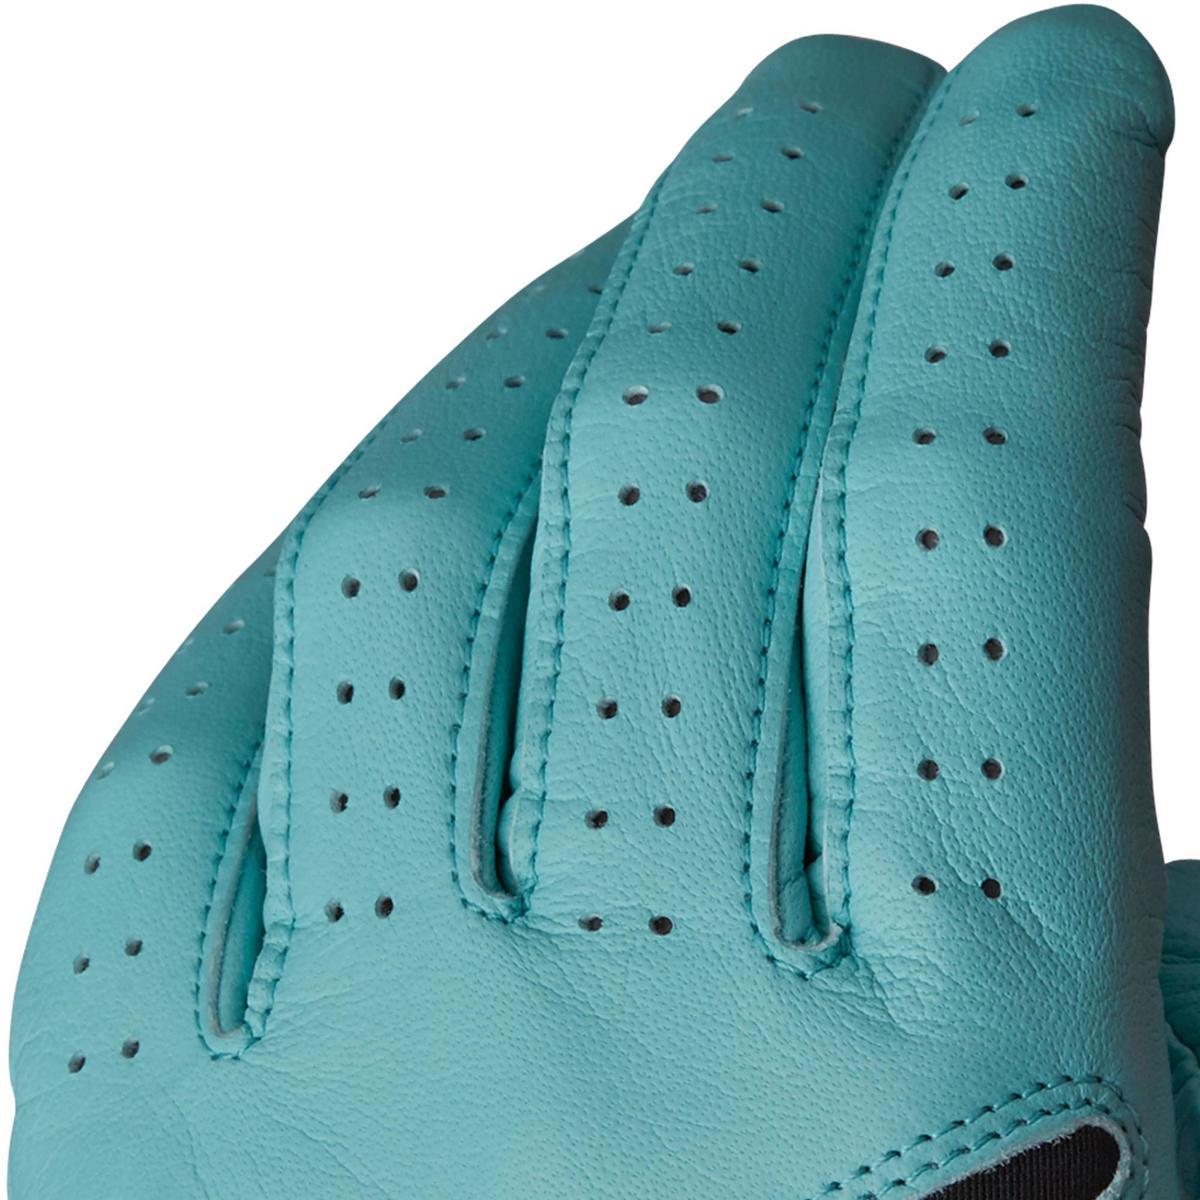 Bild 5 von Golfhandschuh 500 Rechtshand (für die linke Hand) Damen blau